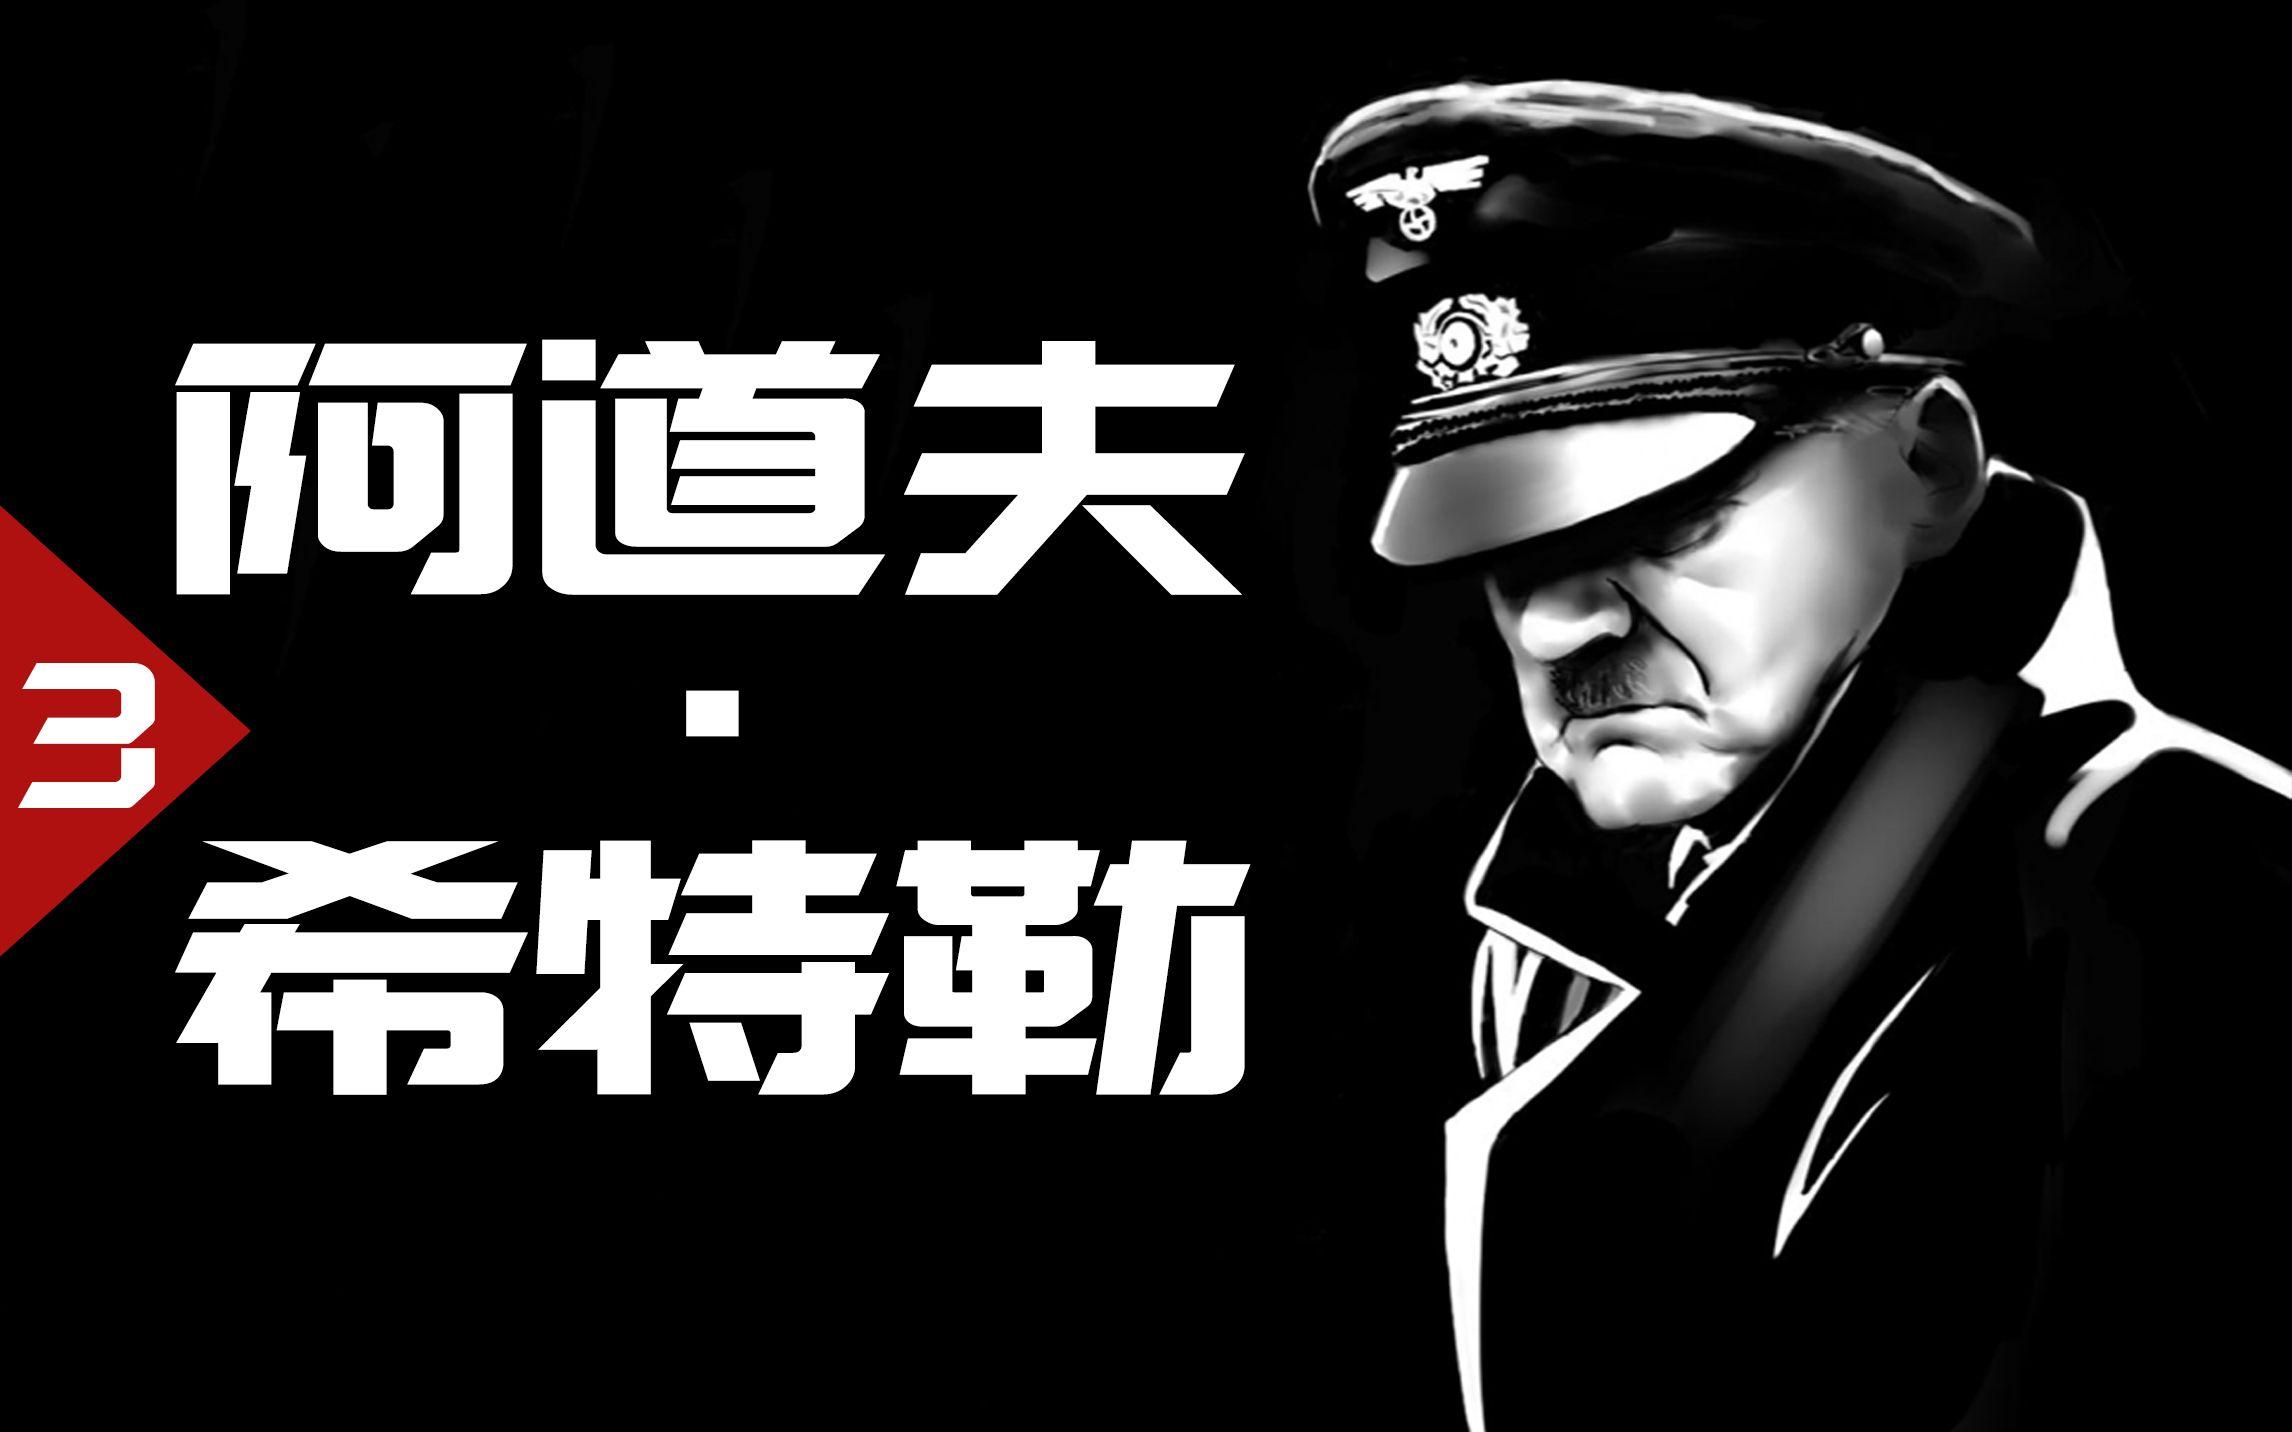 帝国的毁灭, 元首的末路【历史调研室19】